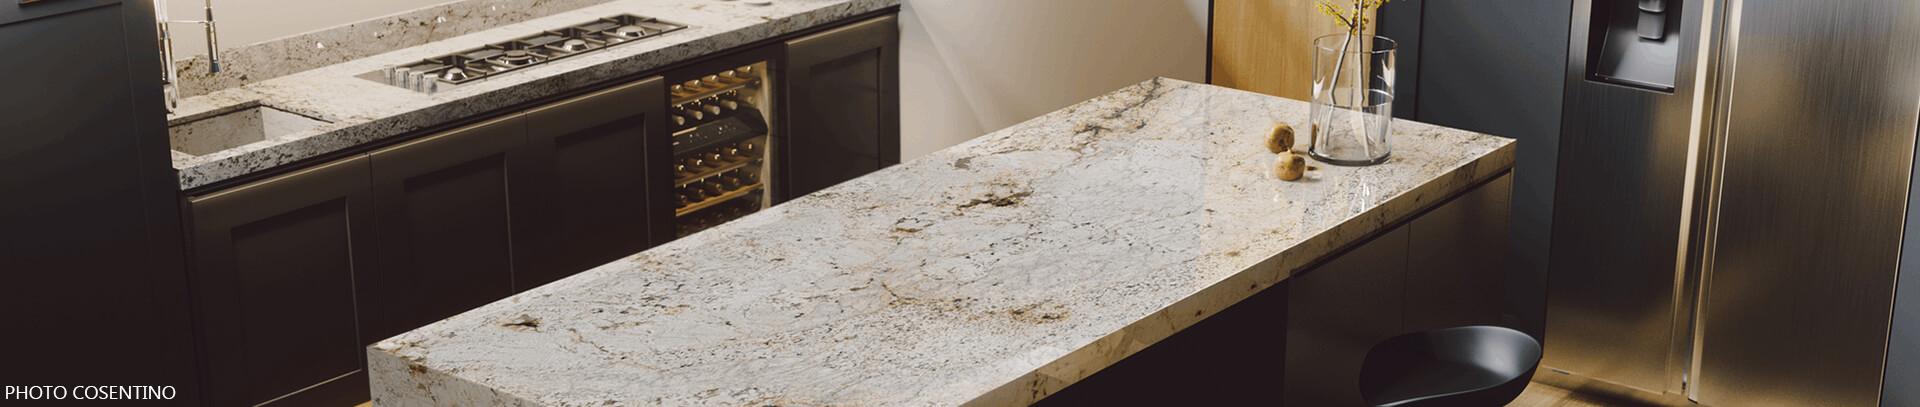 Cuisine granite